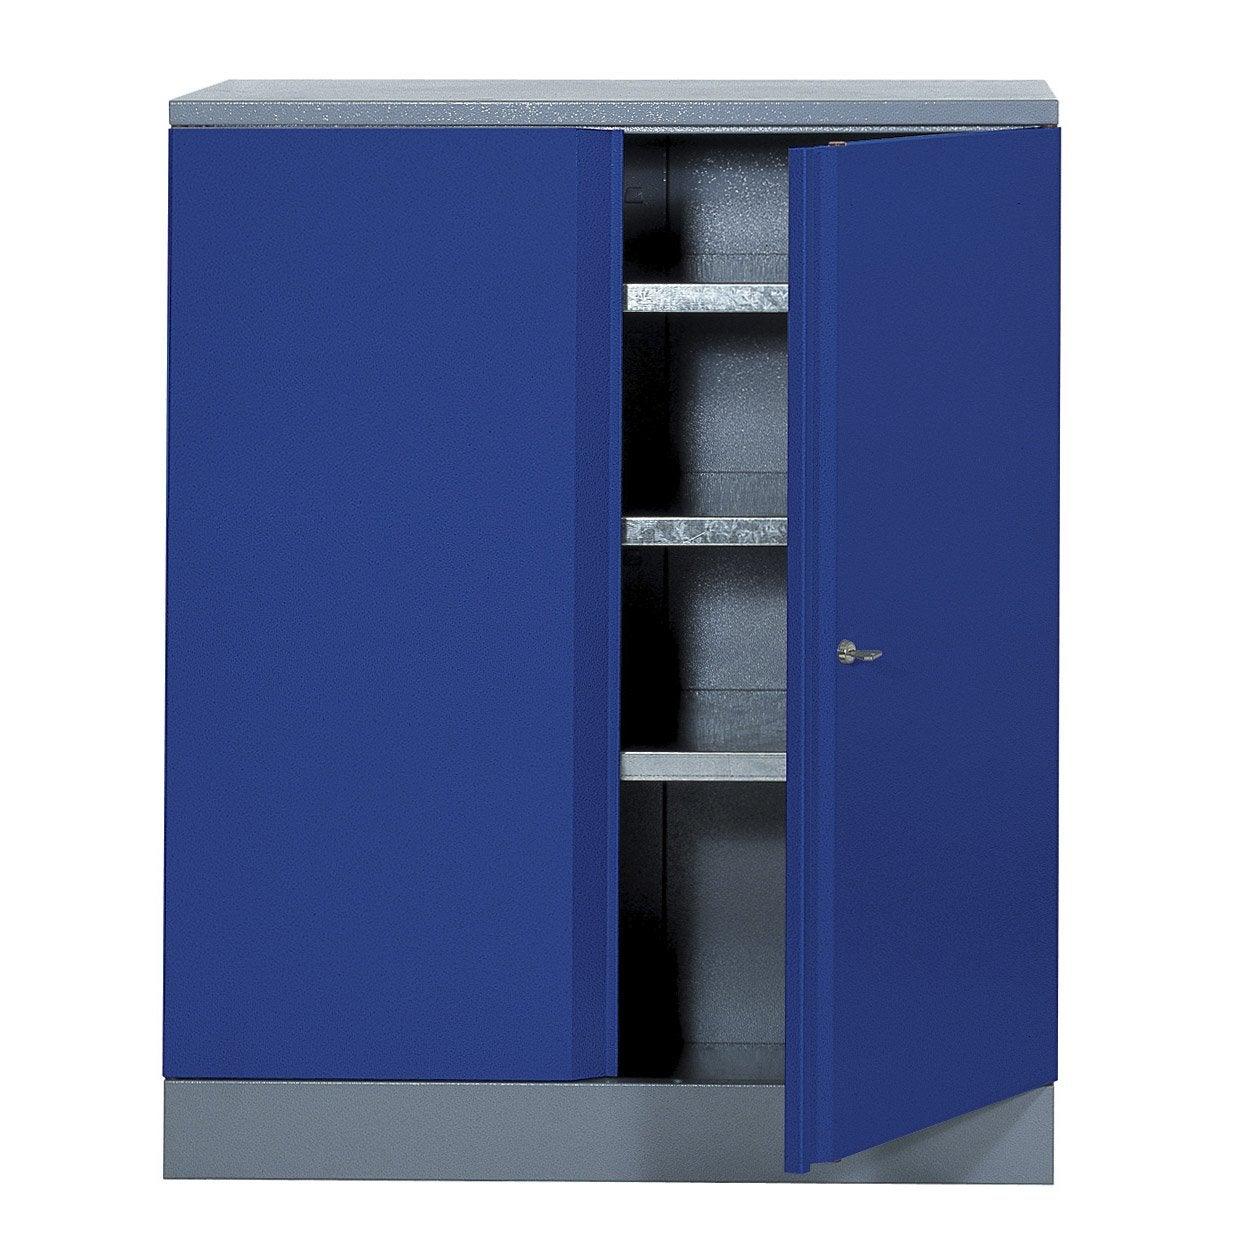 Armoire de rangement en métal bleu KUPPER 91 cm 1 porte ...